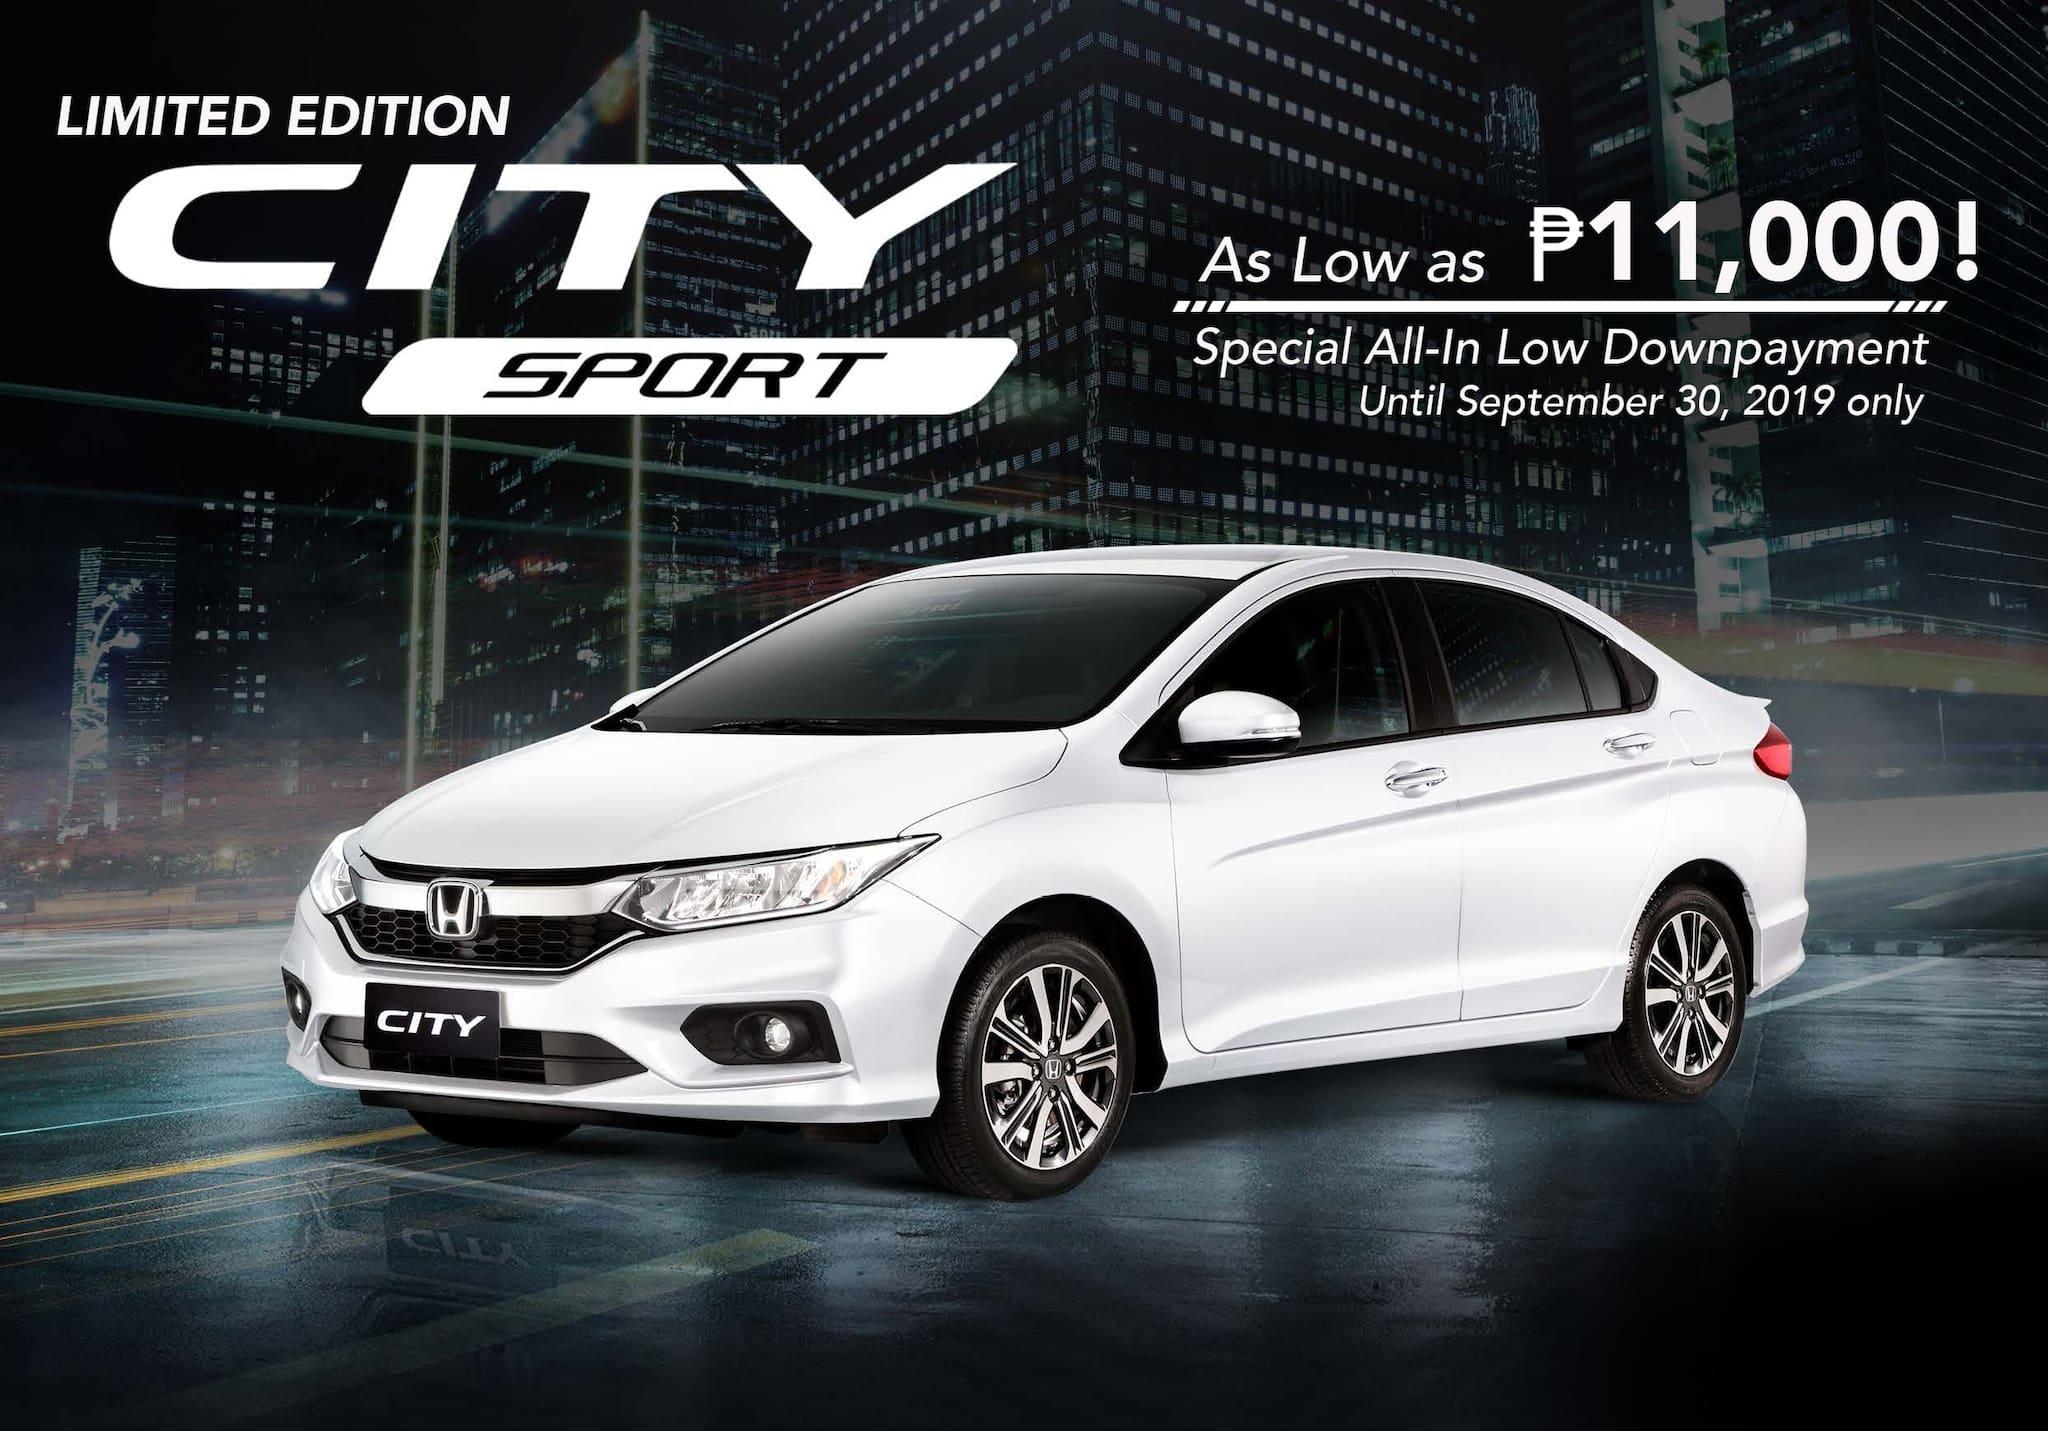 Honda PH Offers Latest Financing Program for New Honda City Sport